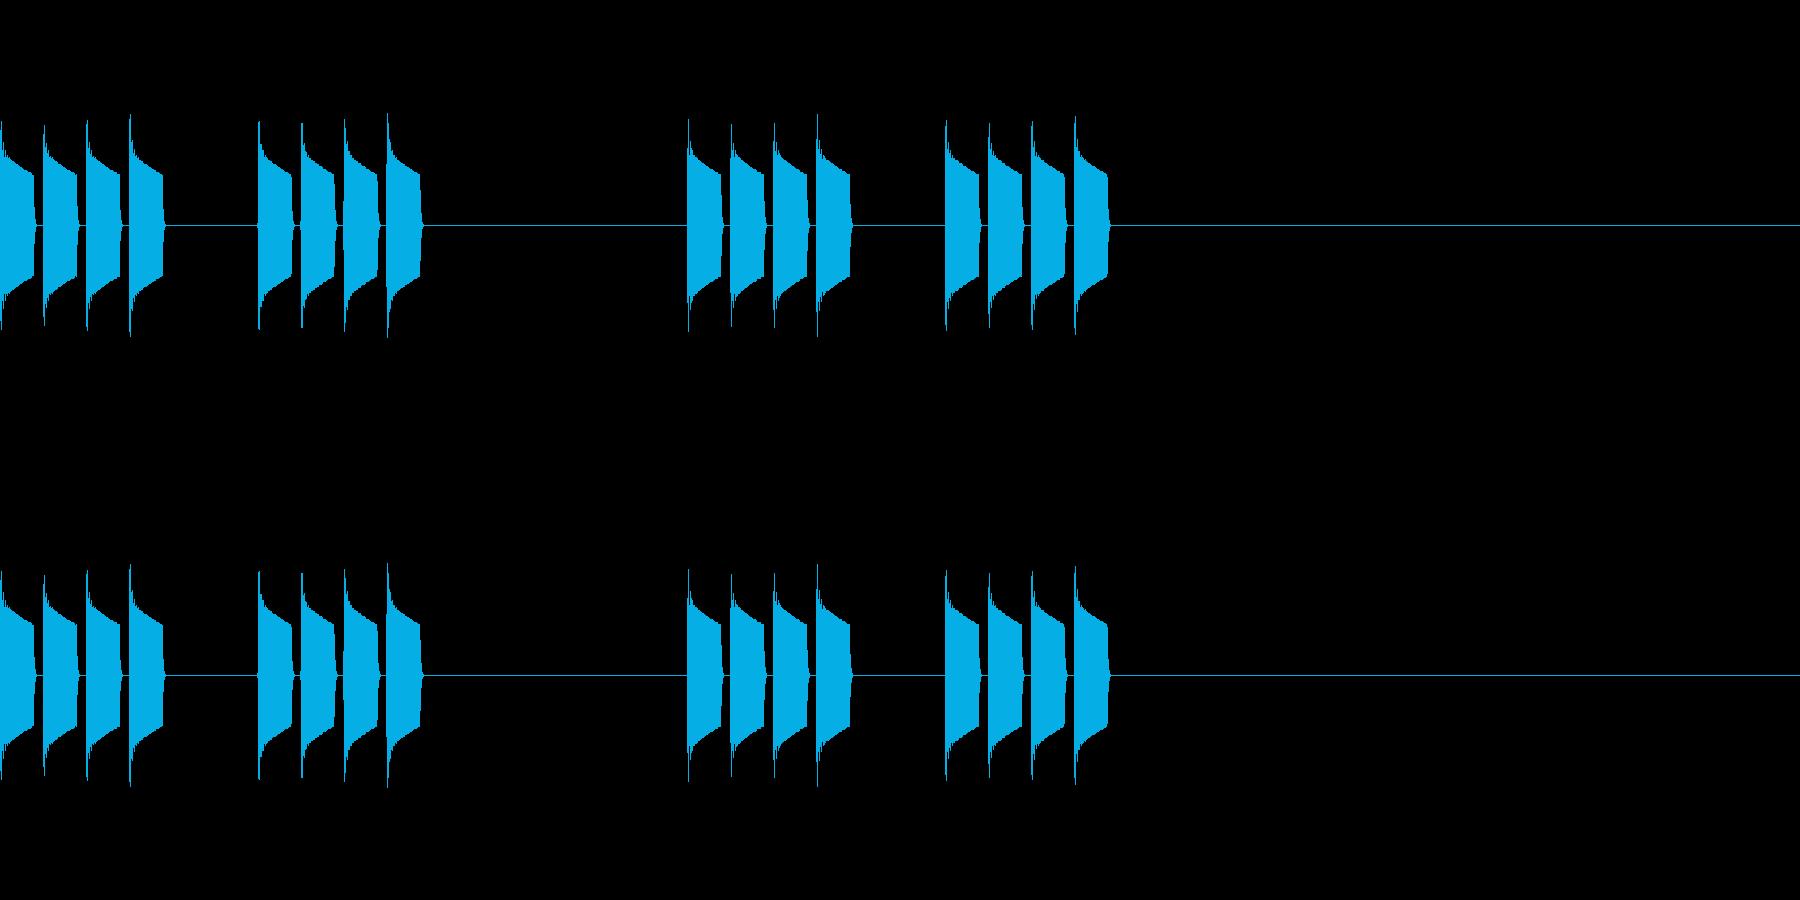 シンプルなアラーム音の再生済みの波形